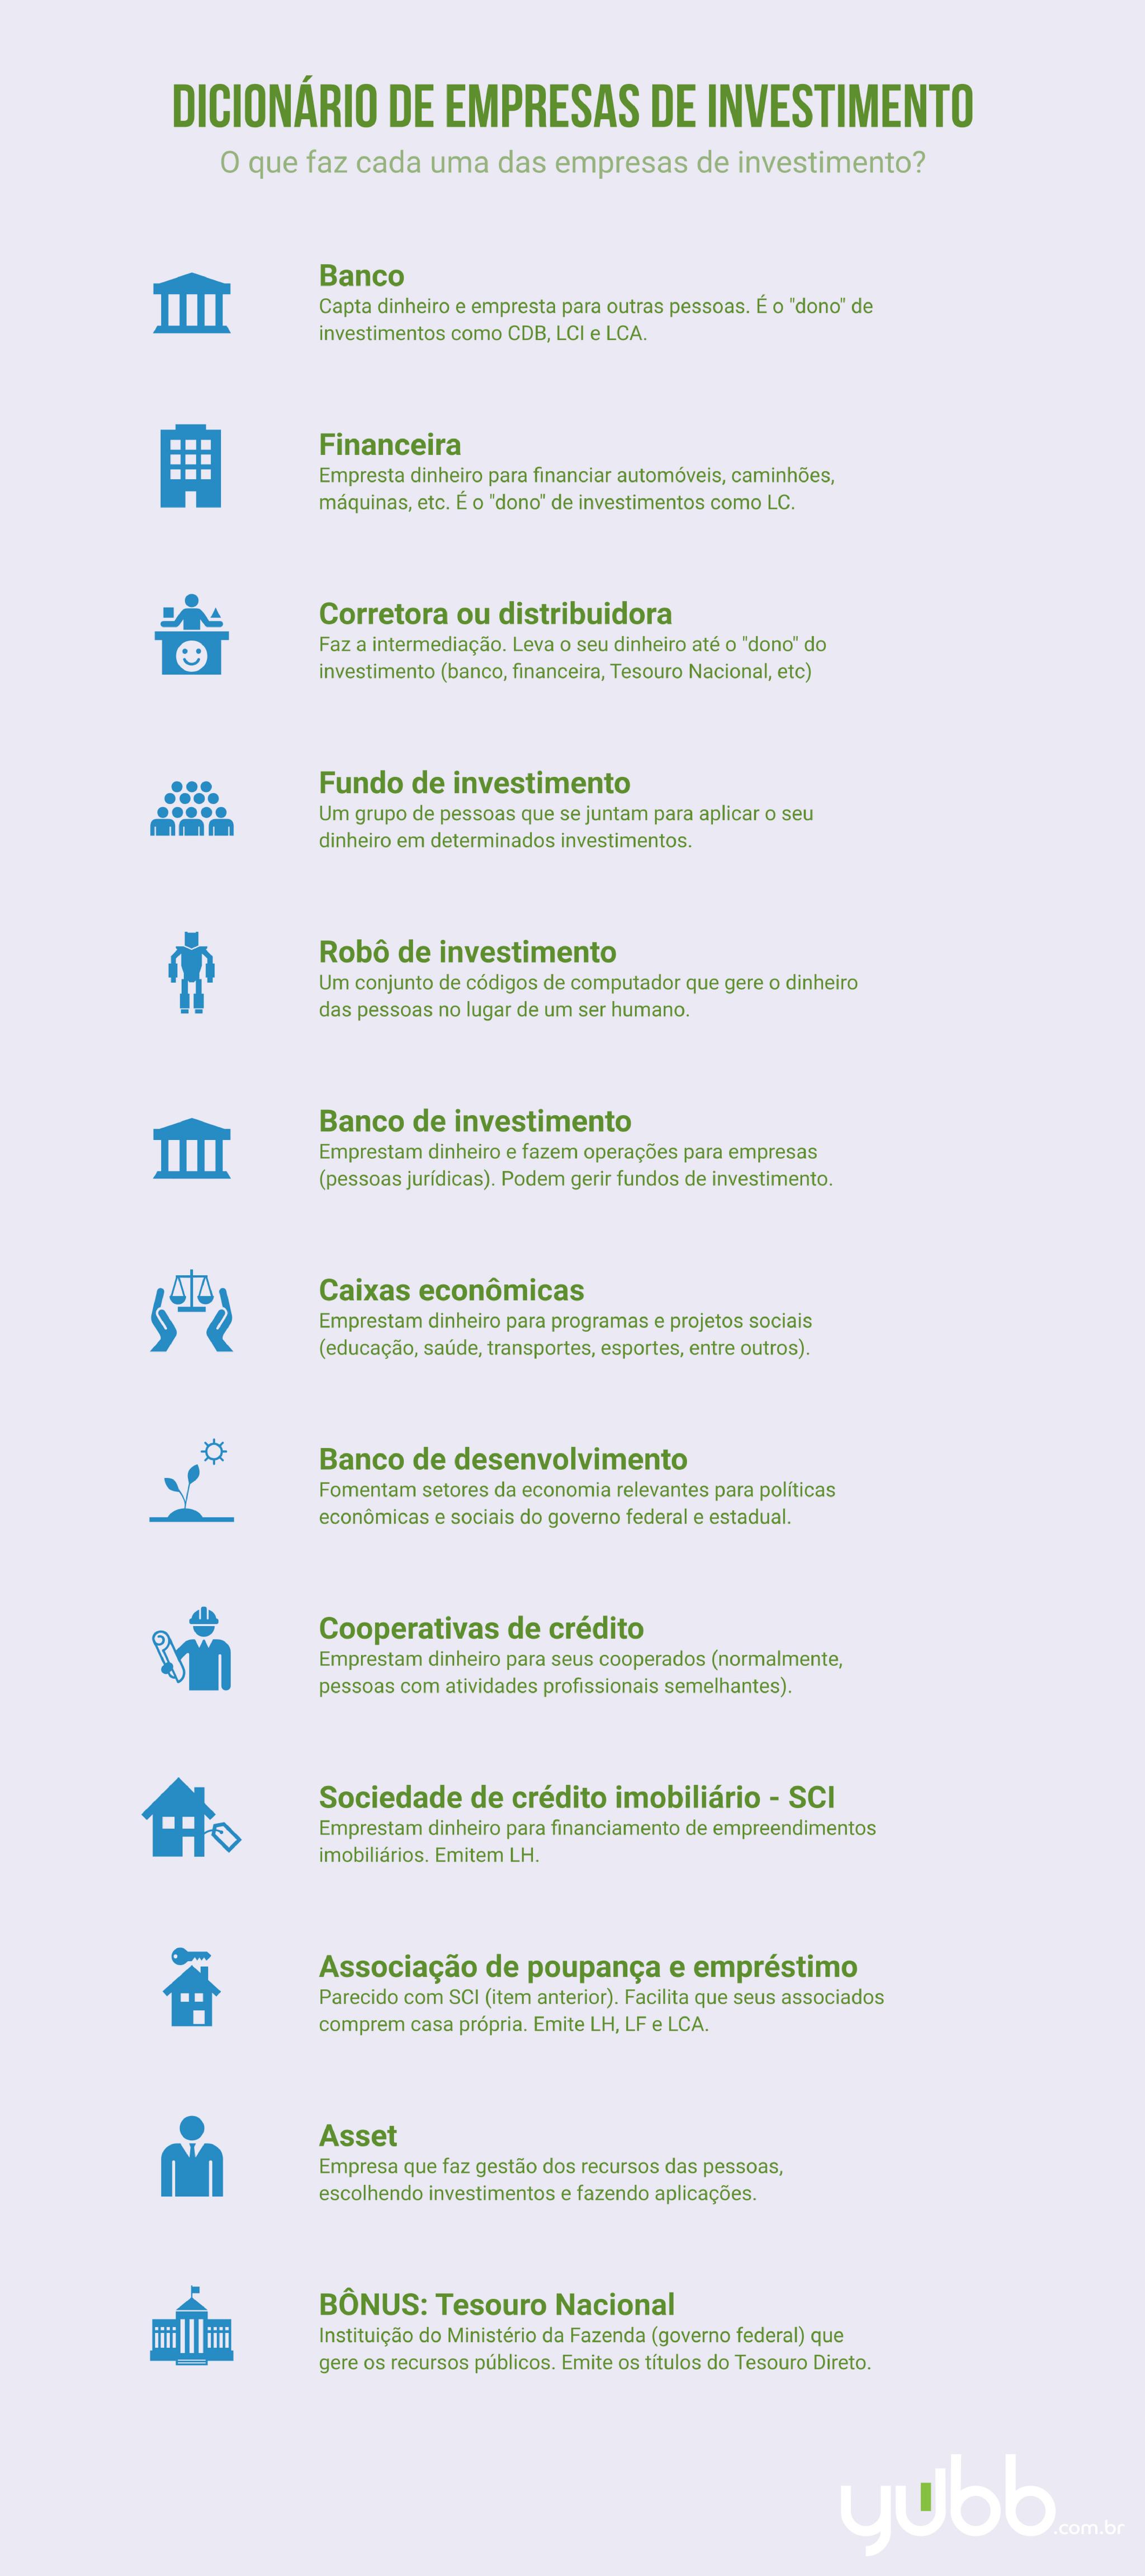 Dicionário de empresas de investimento para conhecer as diferentes empresas que atuam em investimentos: banco, corretora, gestora, fundo de investimento e muitas outras.